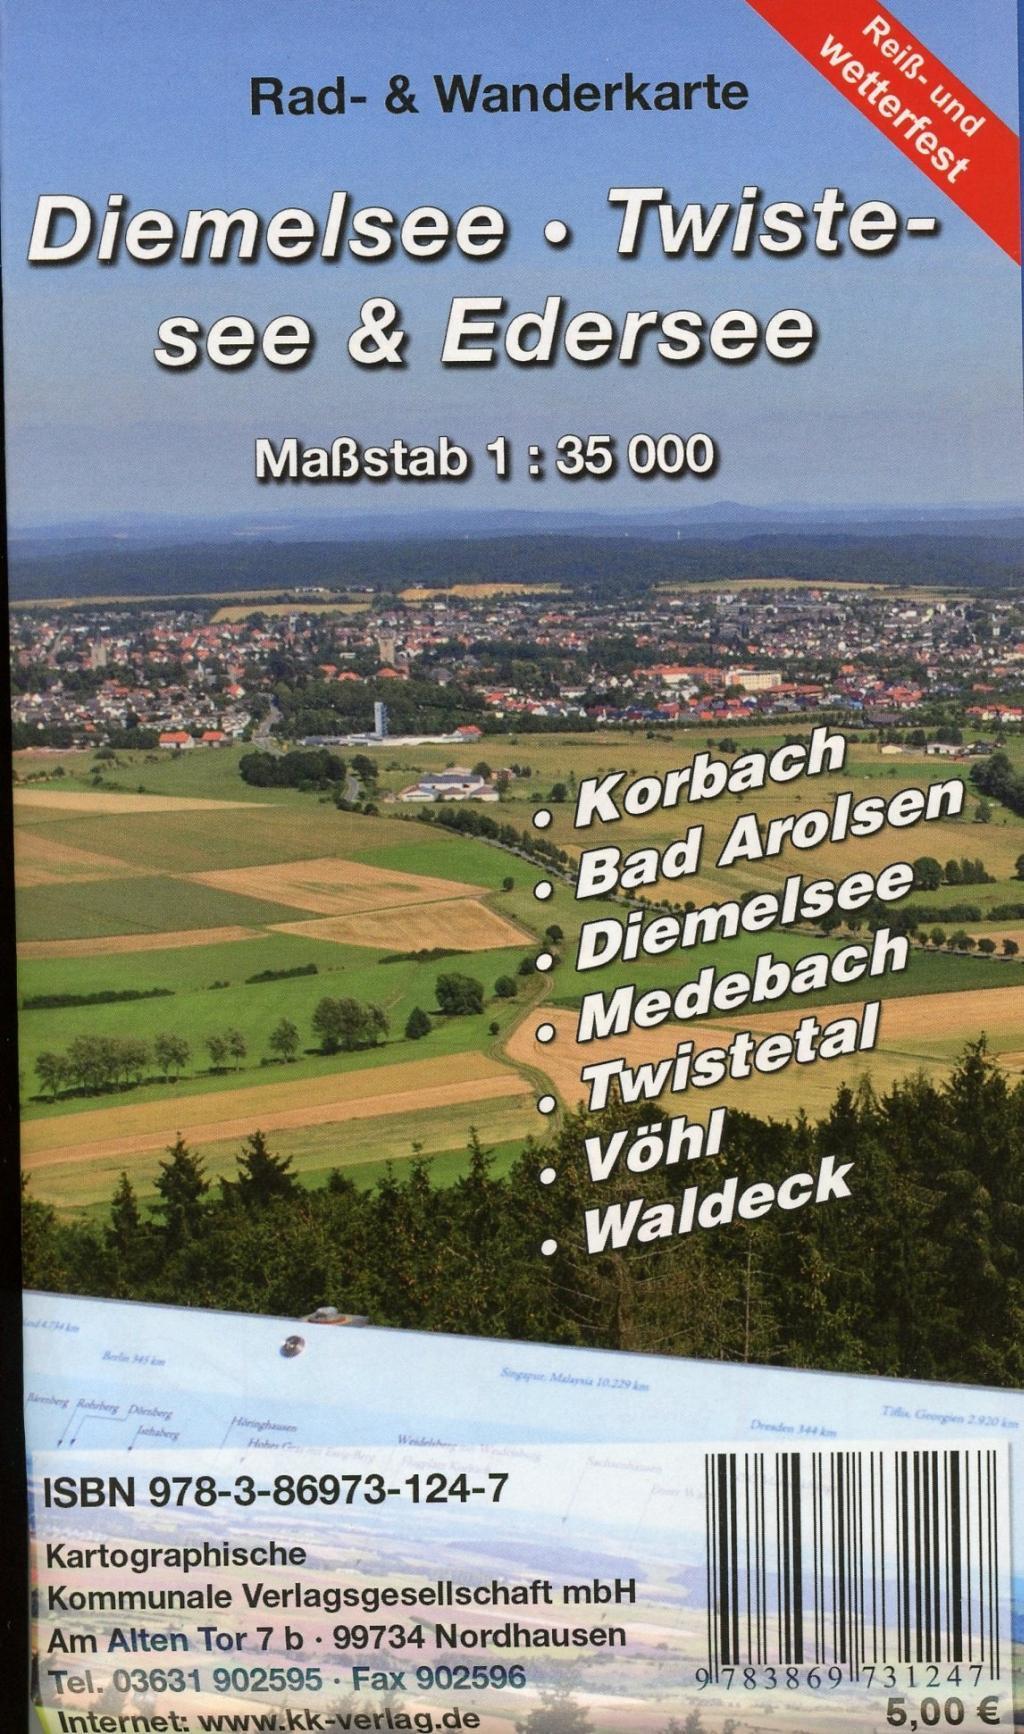 Diemelsee - Twistesee - Edersee 1 : 35 000,